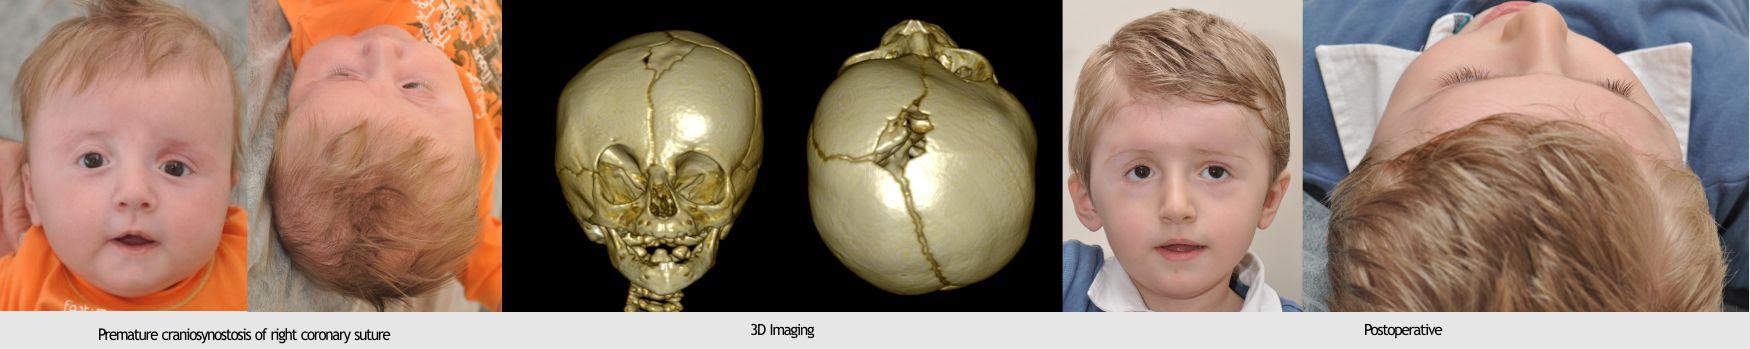 17-craniosynostosis